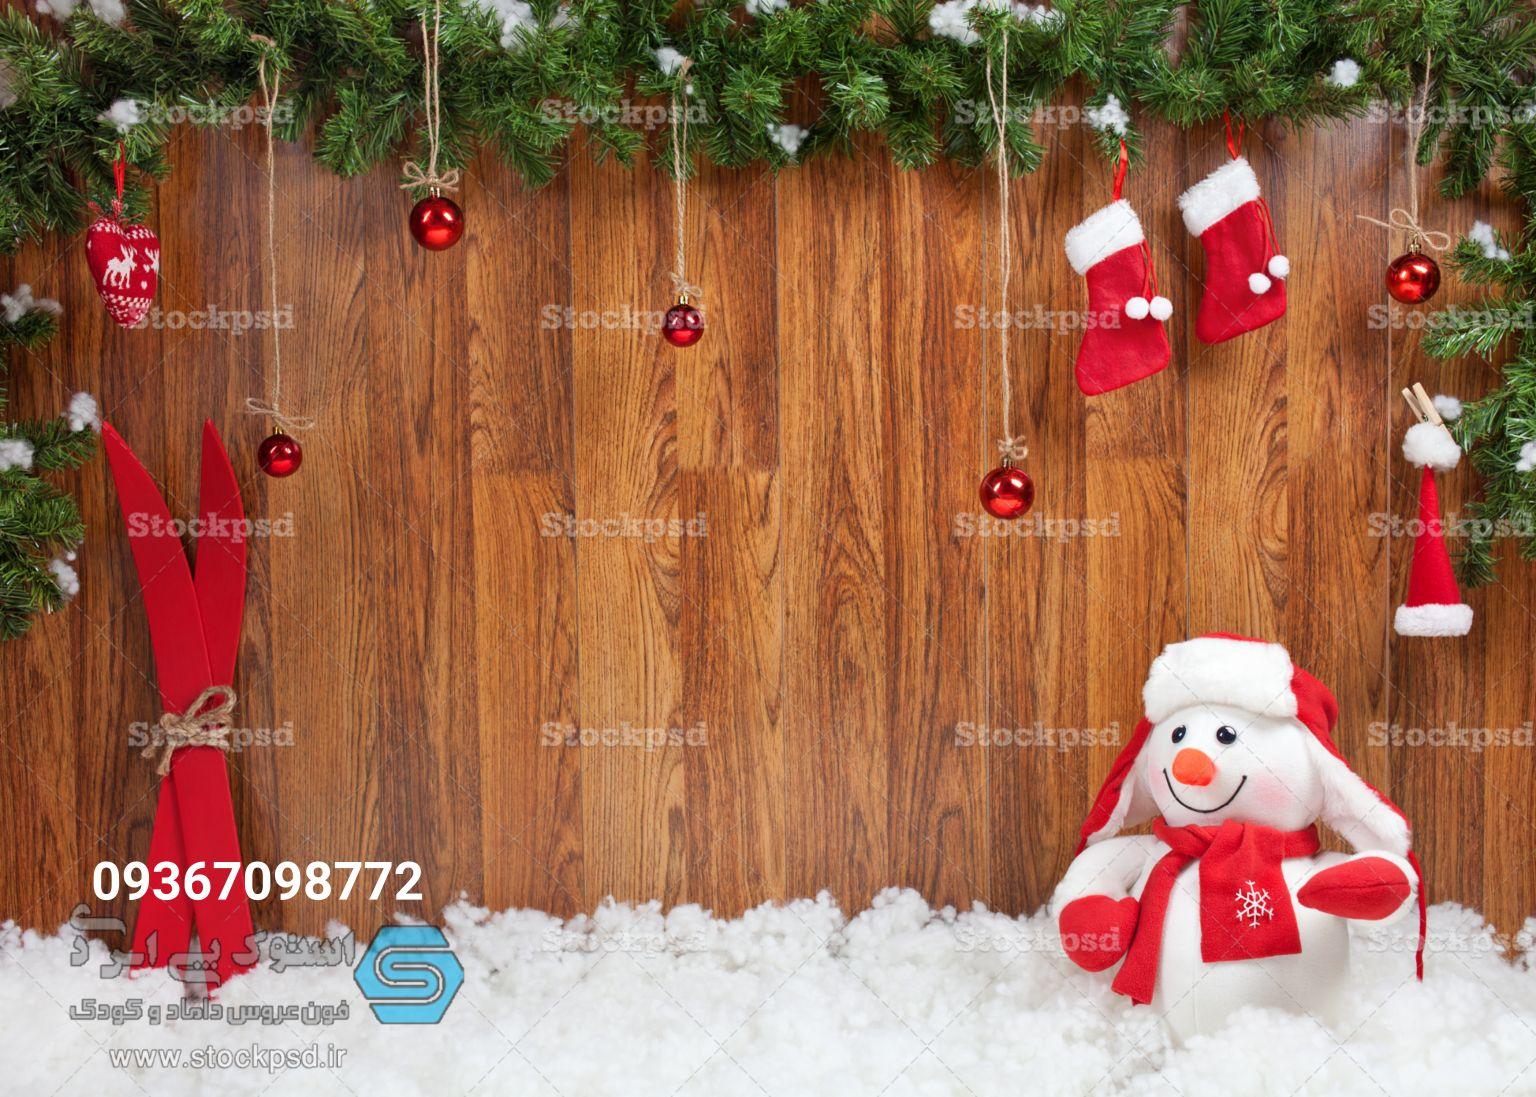 مجموعه بک گراند طراحی عکس کریسمس کد : ۹۸۹۲۰